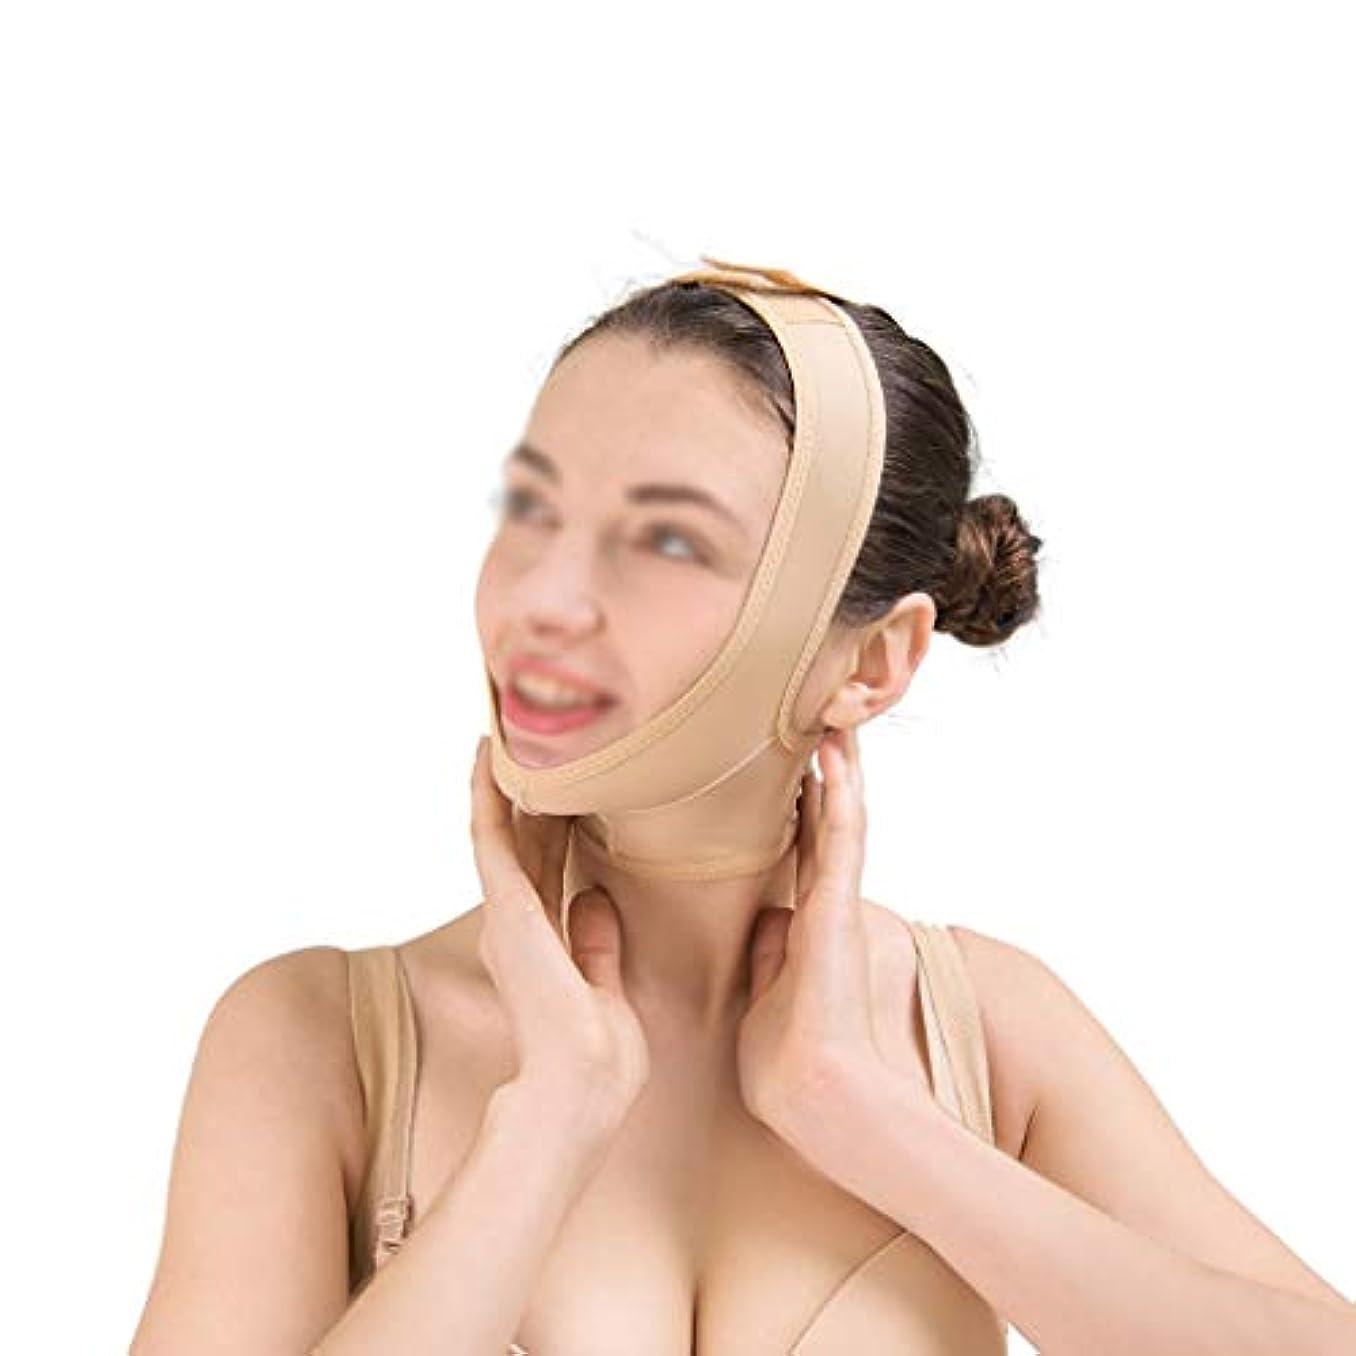 スカルク忌避剤定刻LJK 二重あごのストラップ、包帯を持ち上げる、持ち上がると肌の包帯を引き締める、通気性のフェイスマスク、快適で通気性のある顔の持ち上がるマスク (Size : XL)